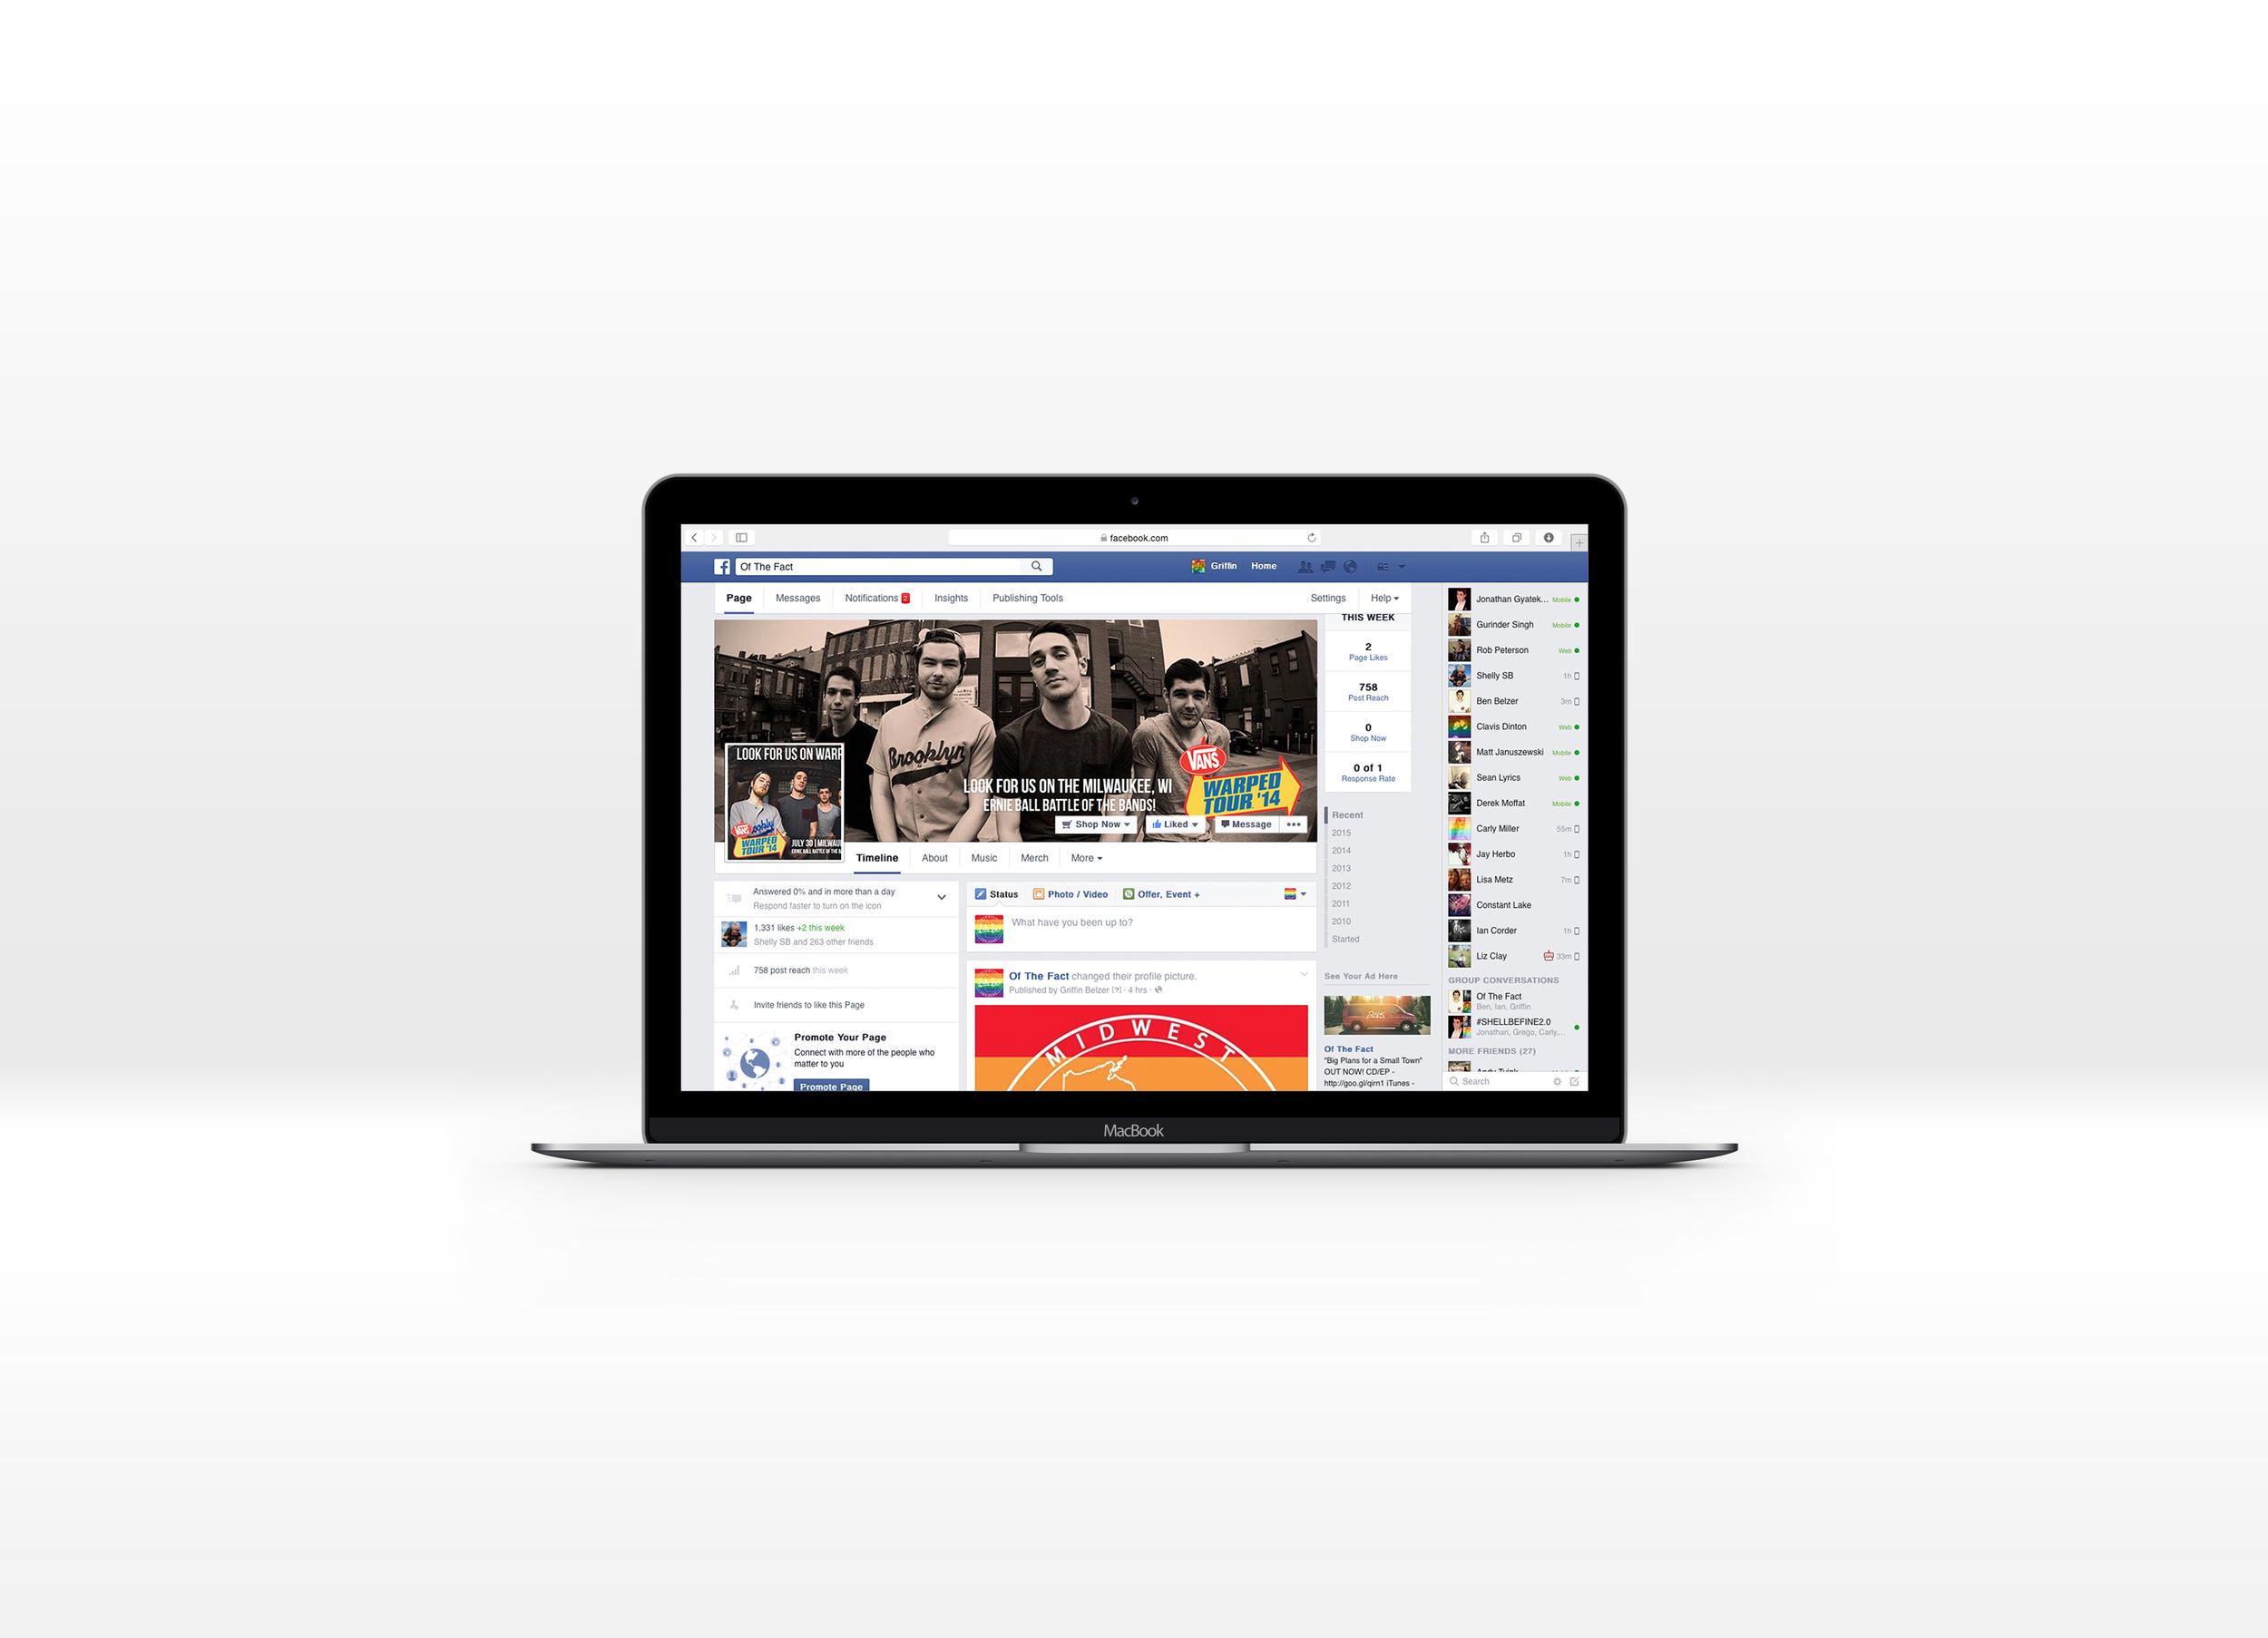 001-MacBook-Silver.jpg